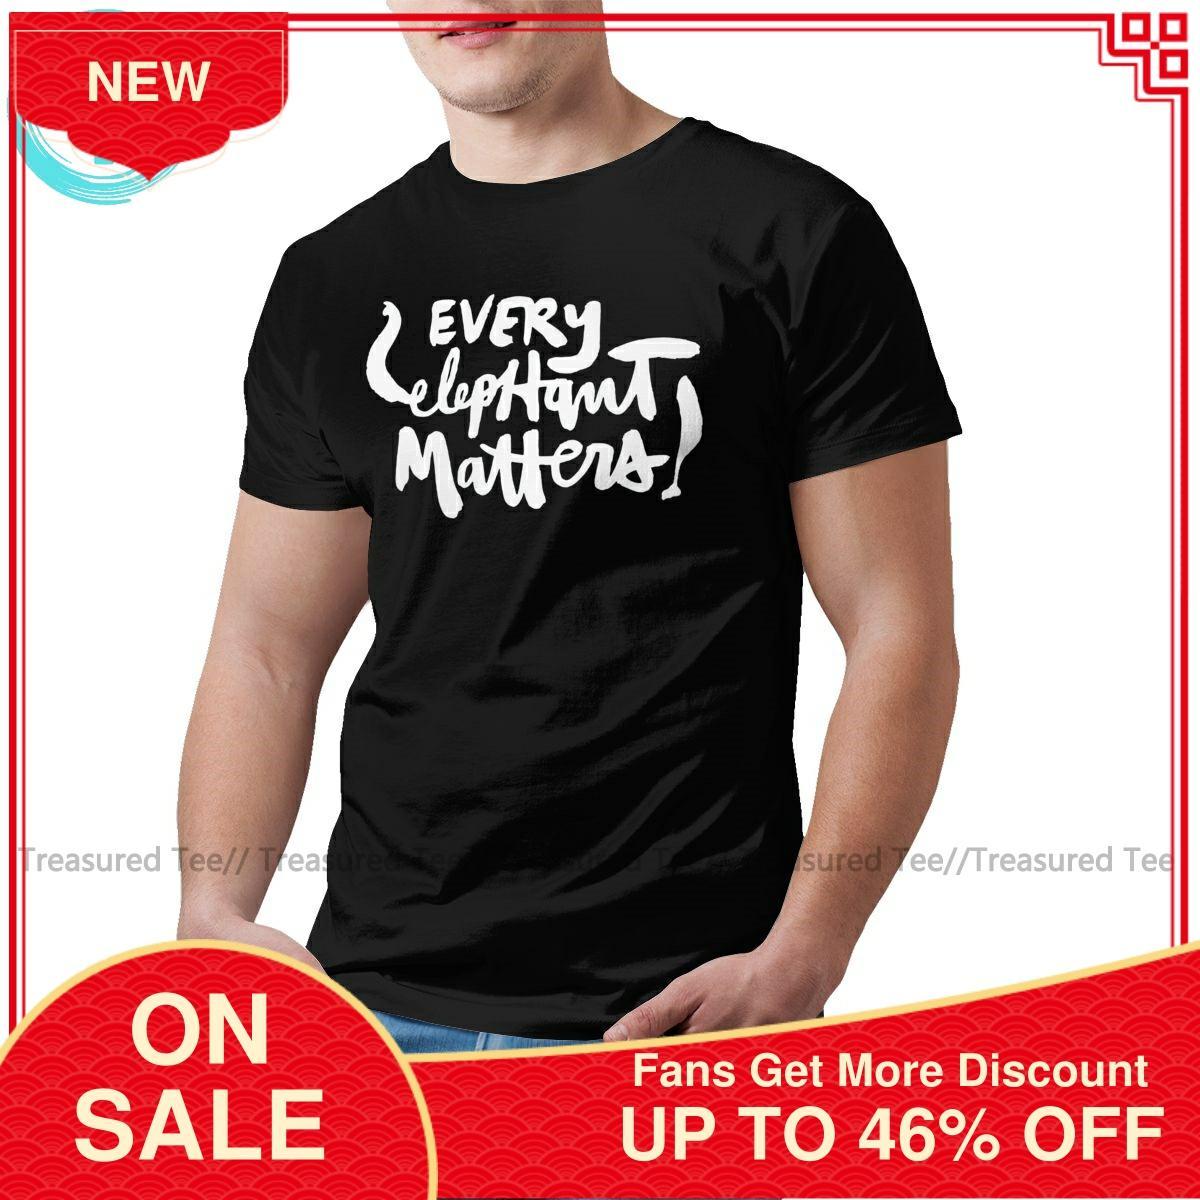 Camiseta de elefante de color oscuro con estampado de elefante para hombre